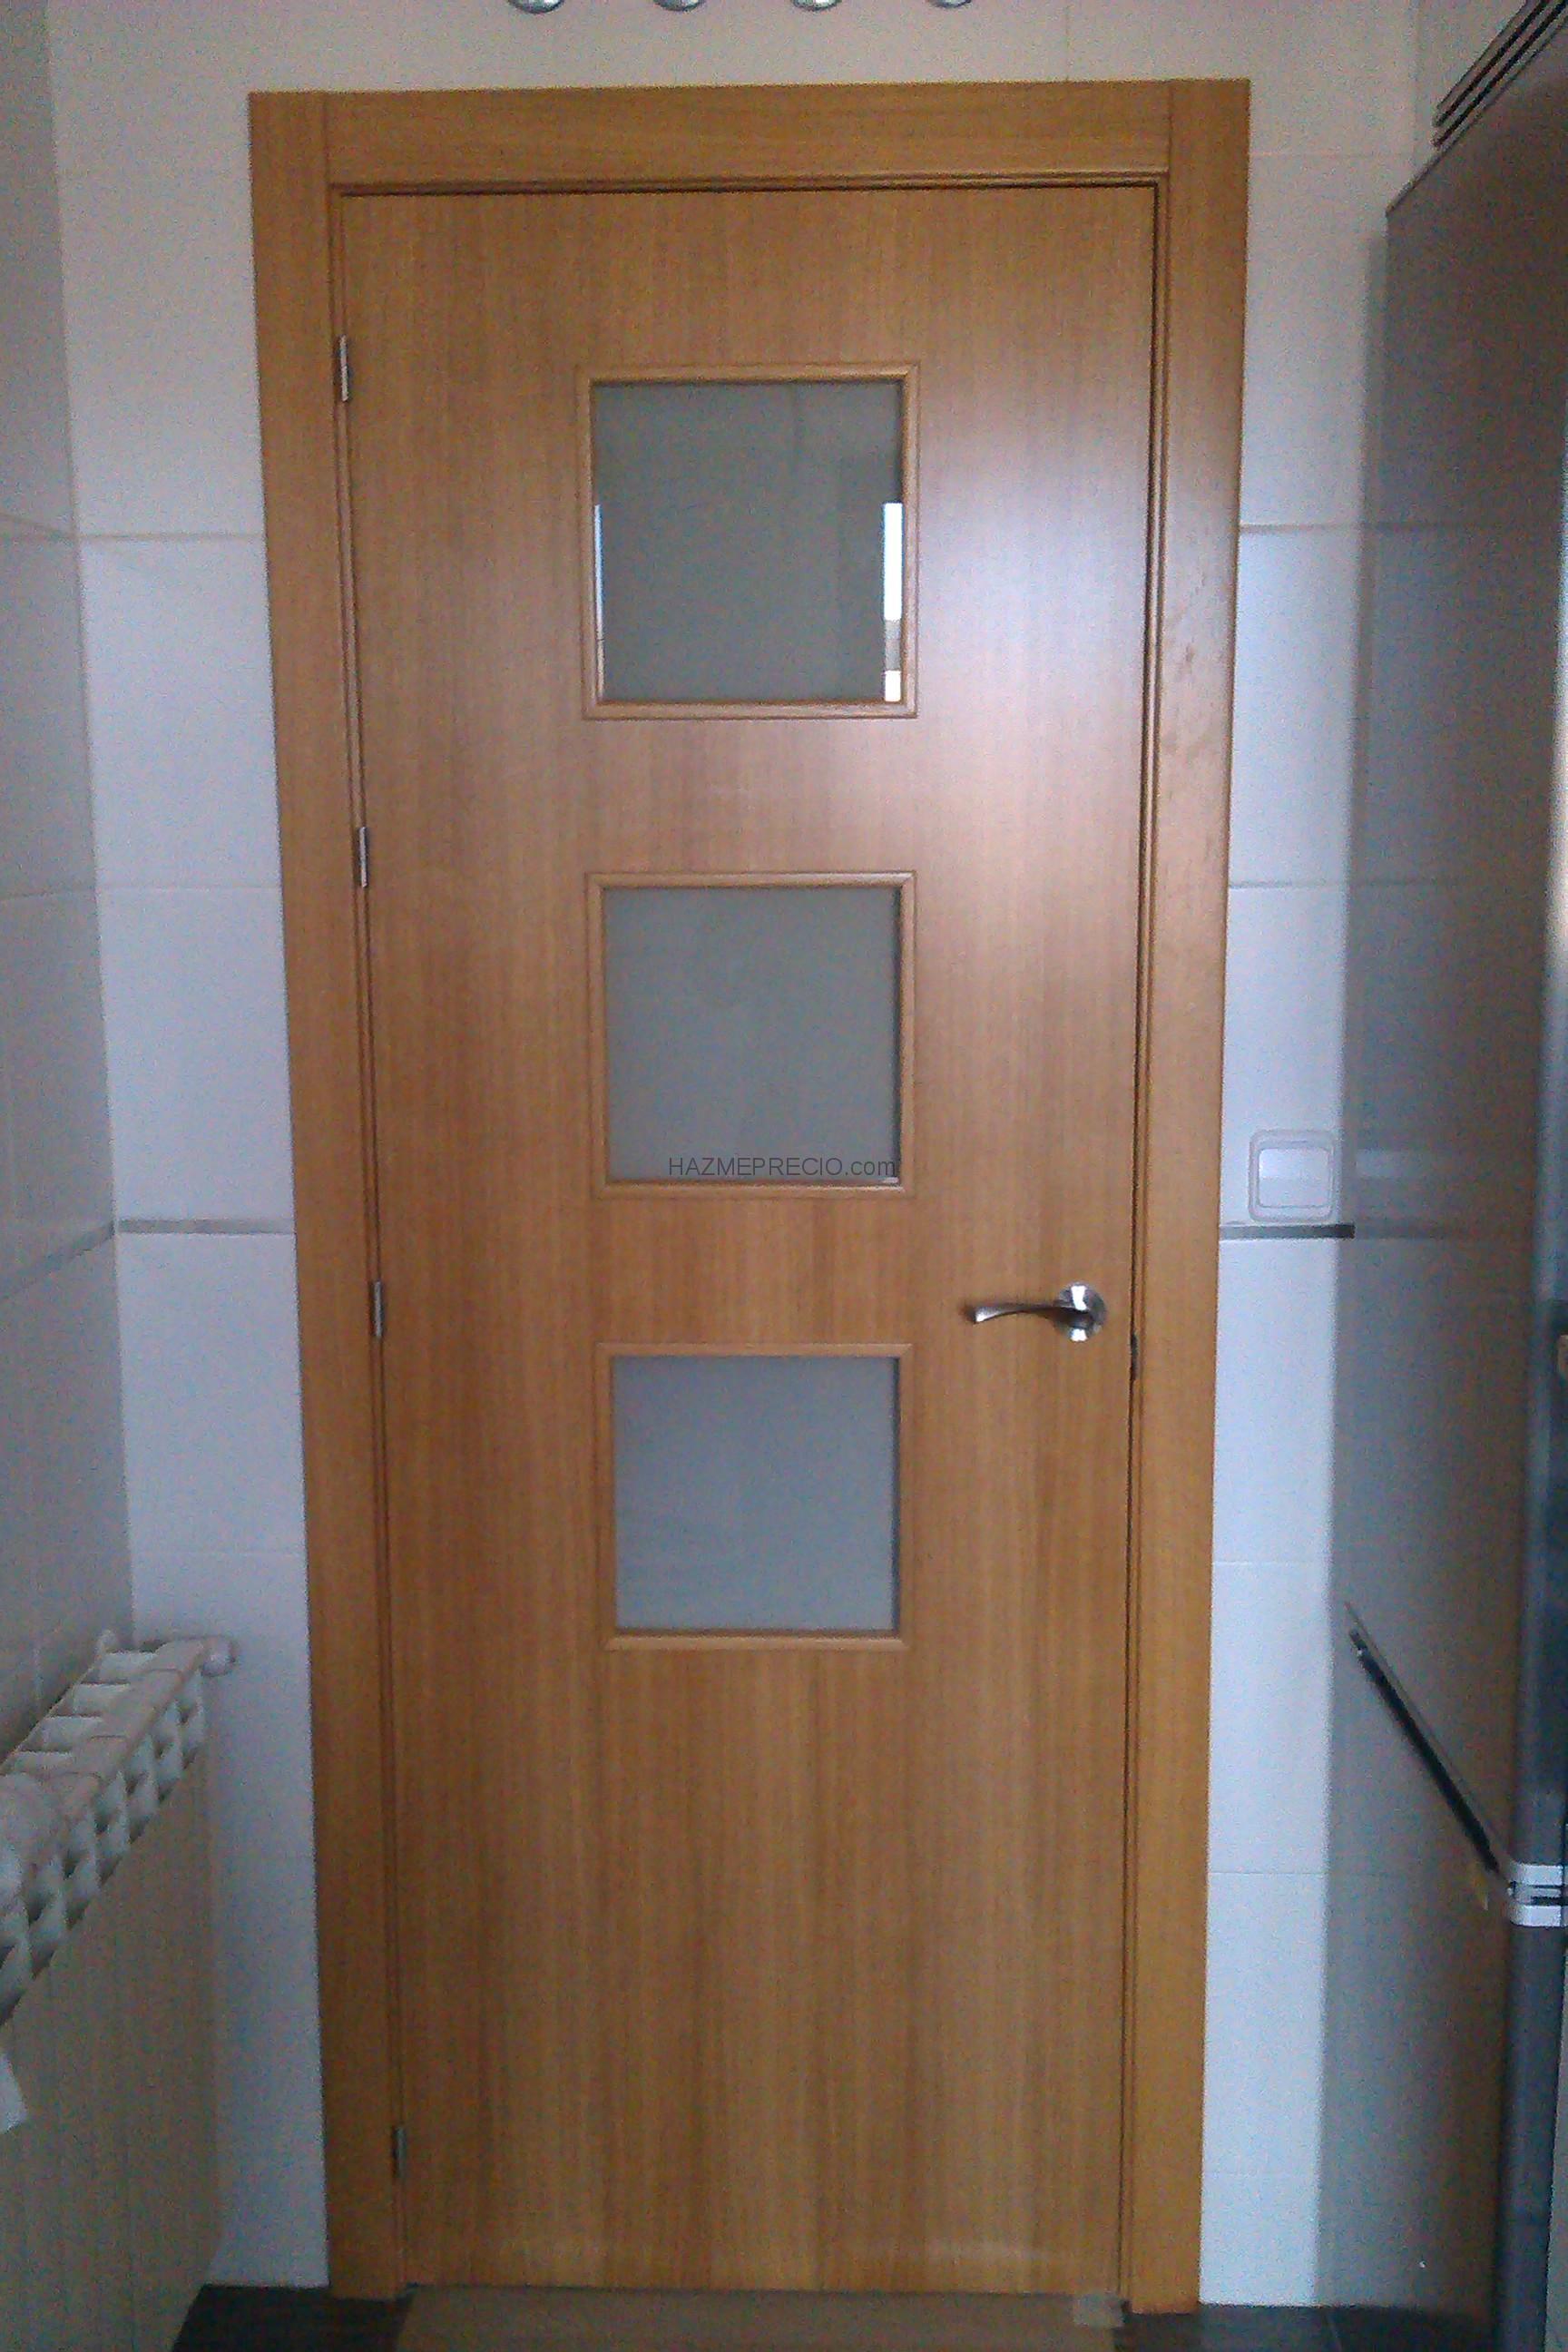 puertas blancas block ue de puertas en block baratas blancas lacadas de interior y en quotes